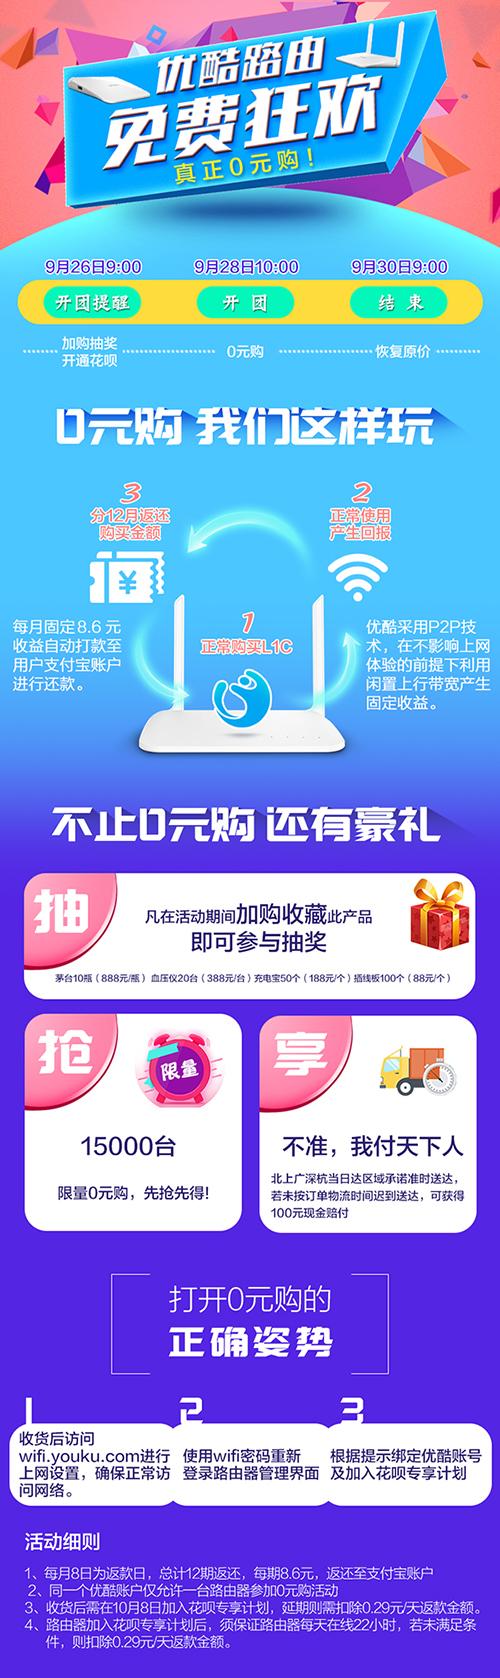 0元购Youku优酷土豆路由器 花呗分期返还!手慢无!